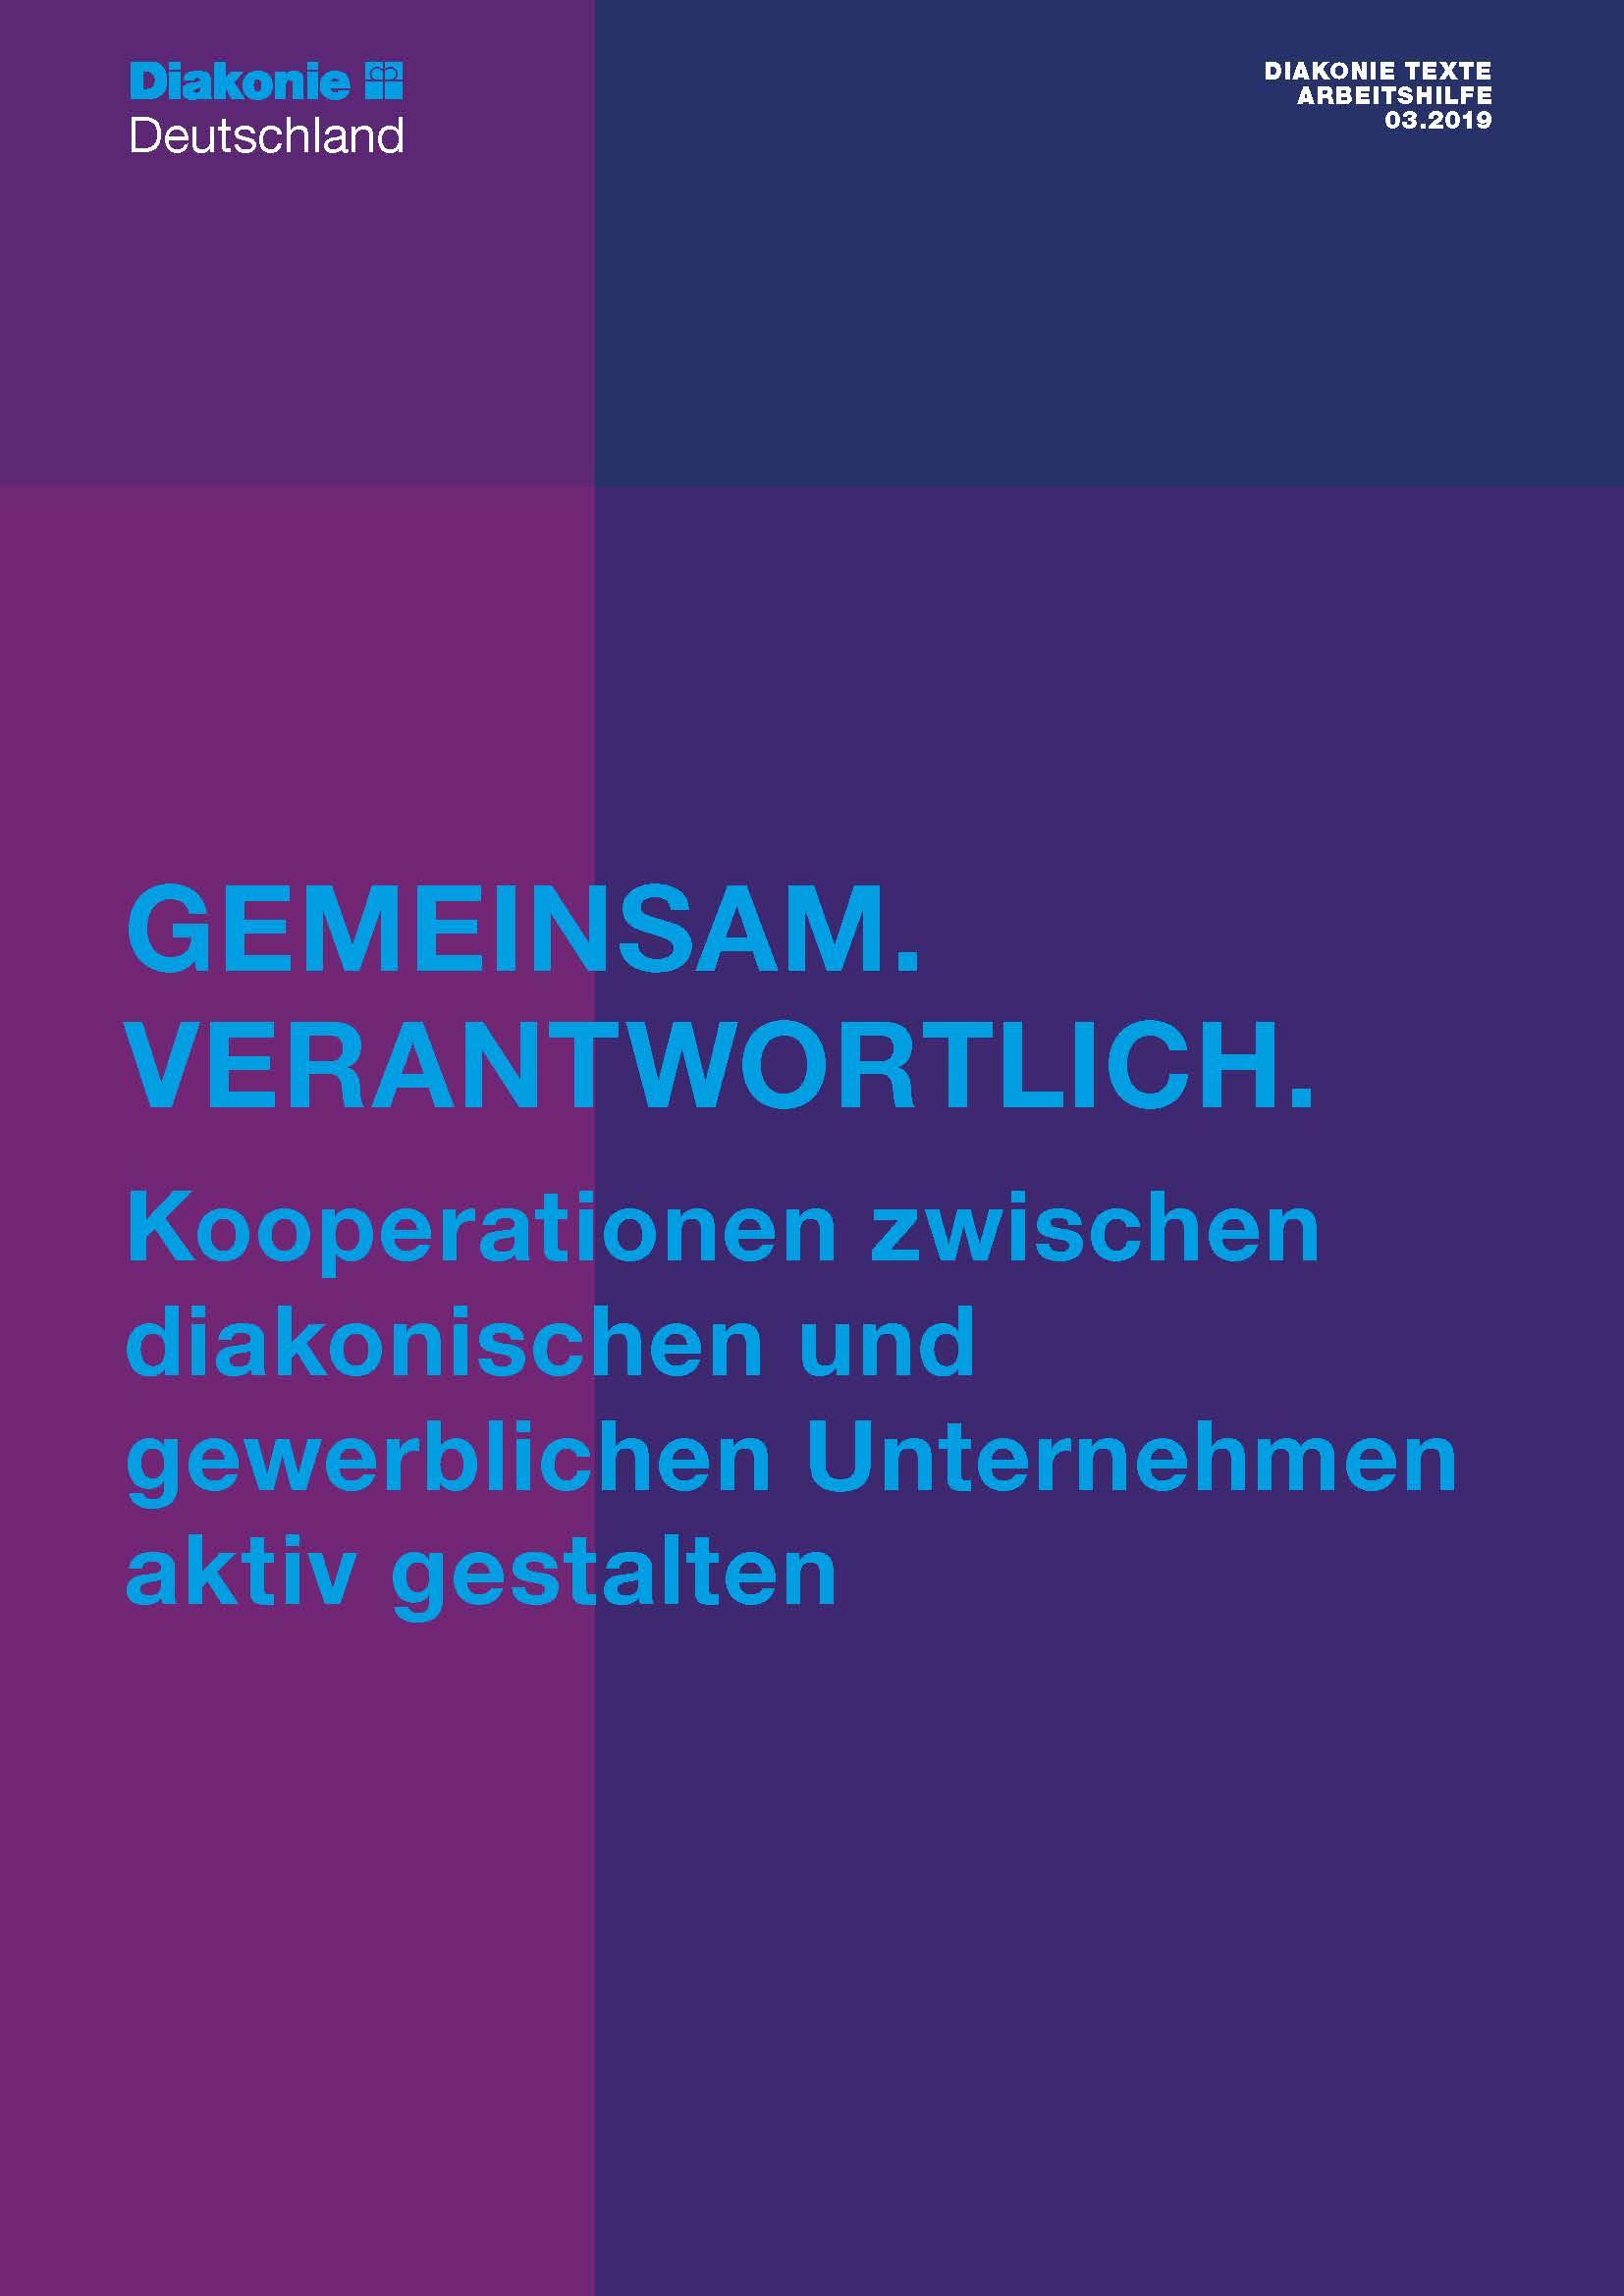 Diakonie Texte 03.2019: Kooperationen zwischen diakonischen und gewerblichen Unternehmen